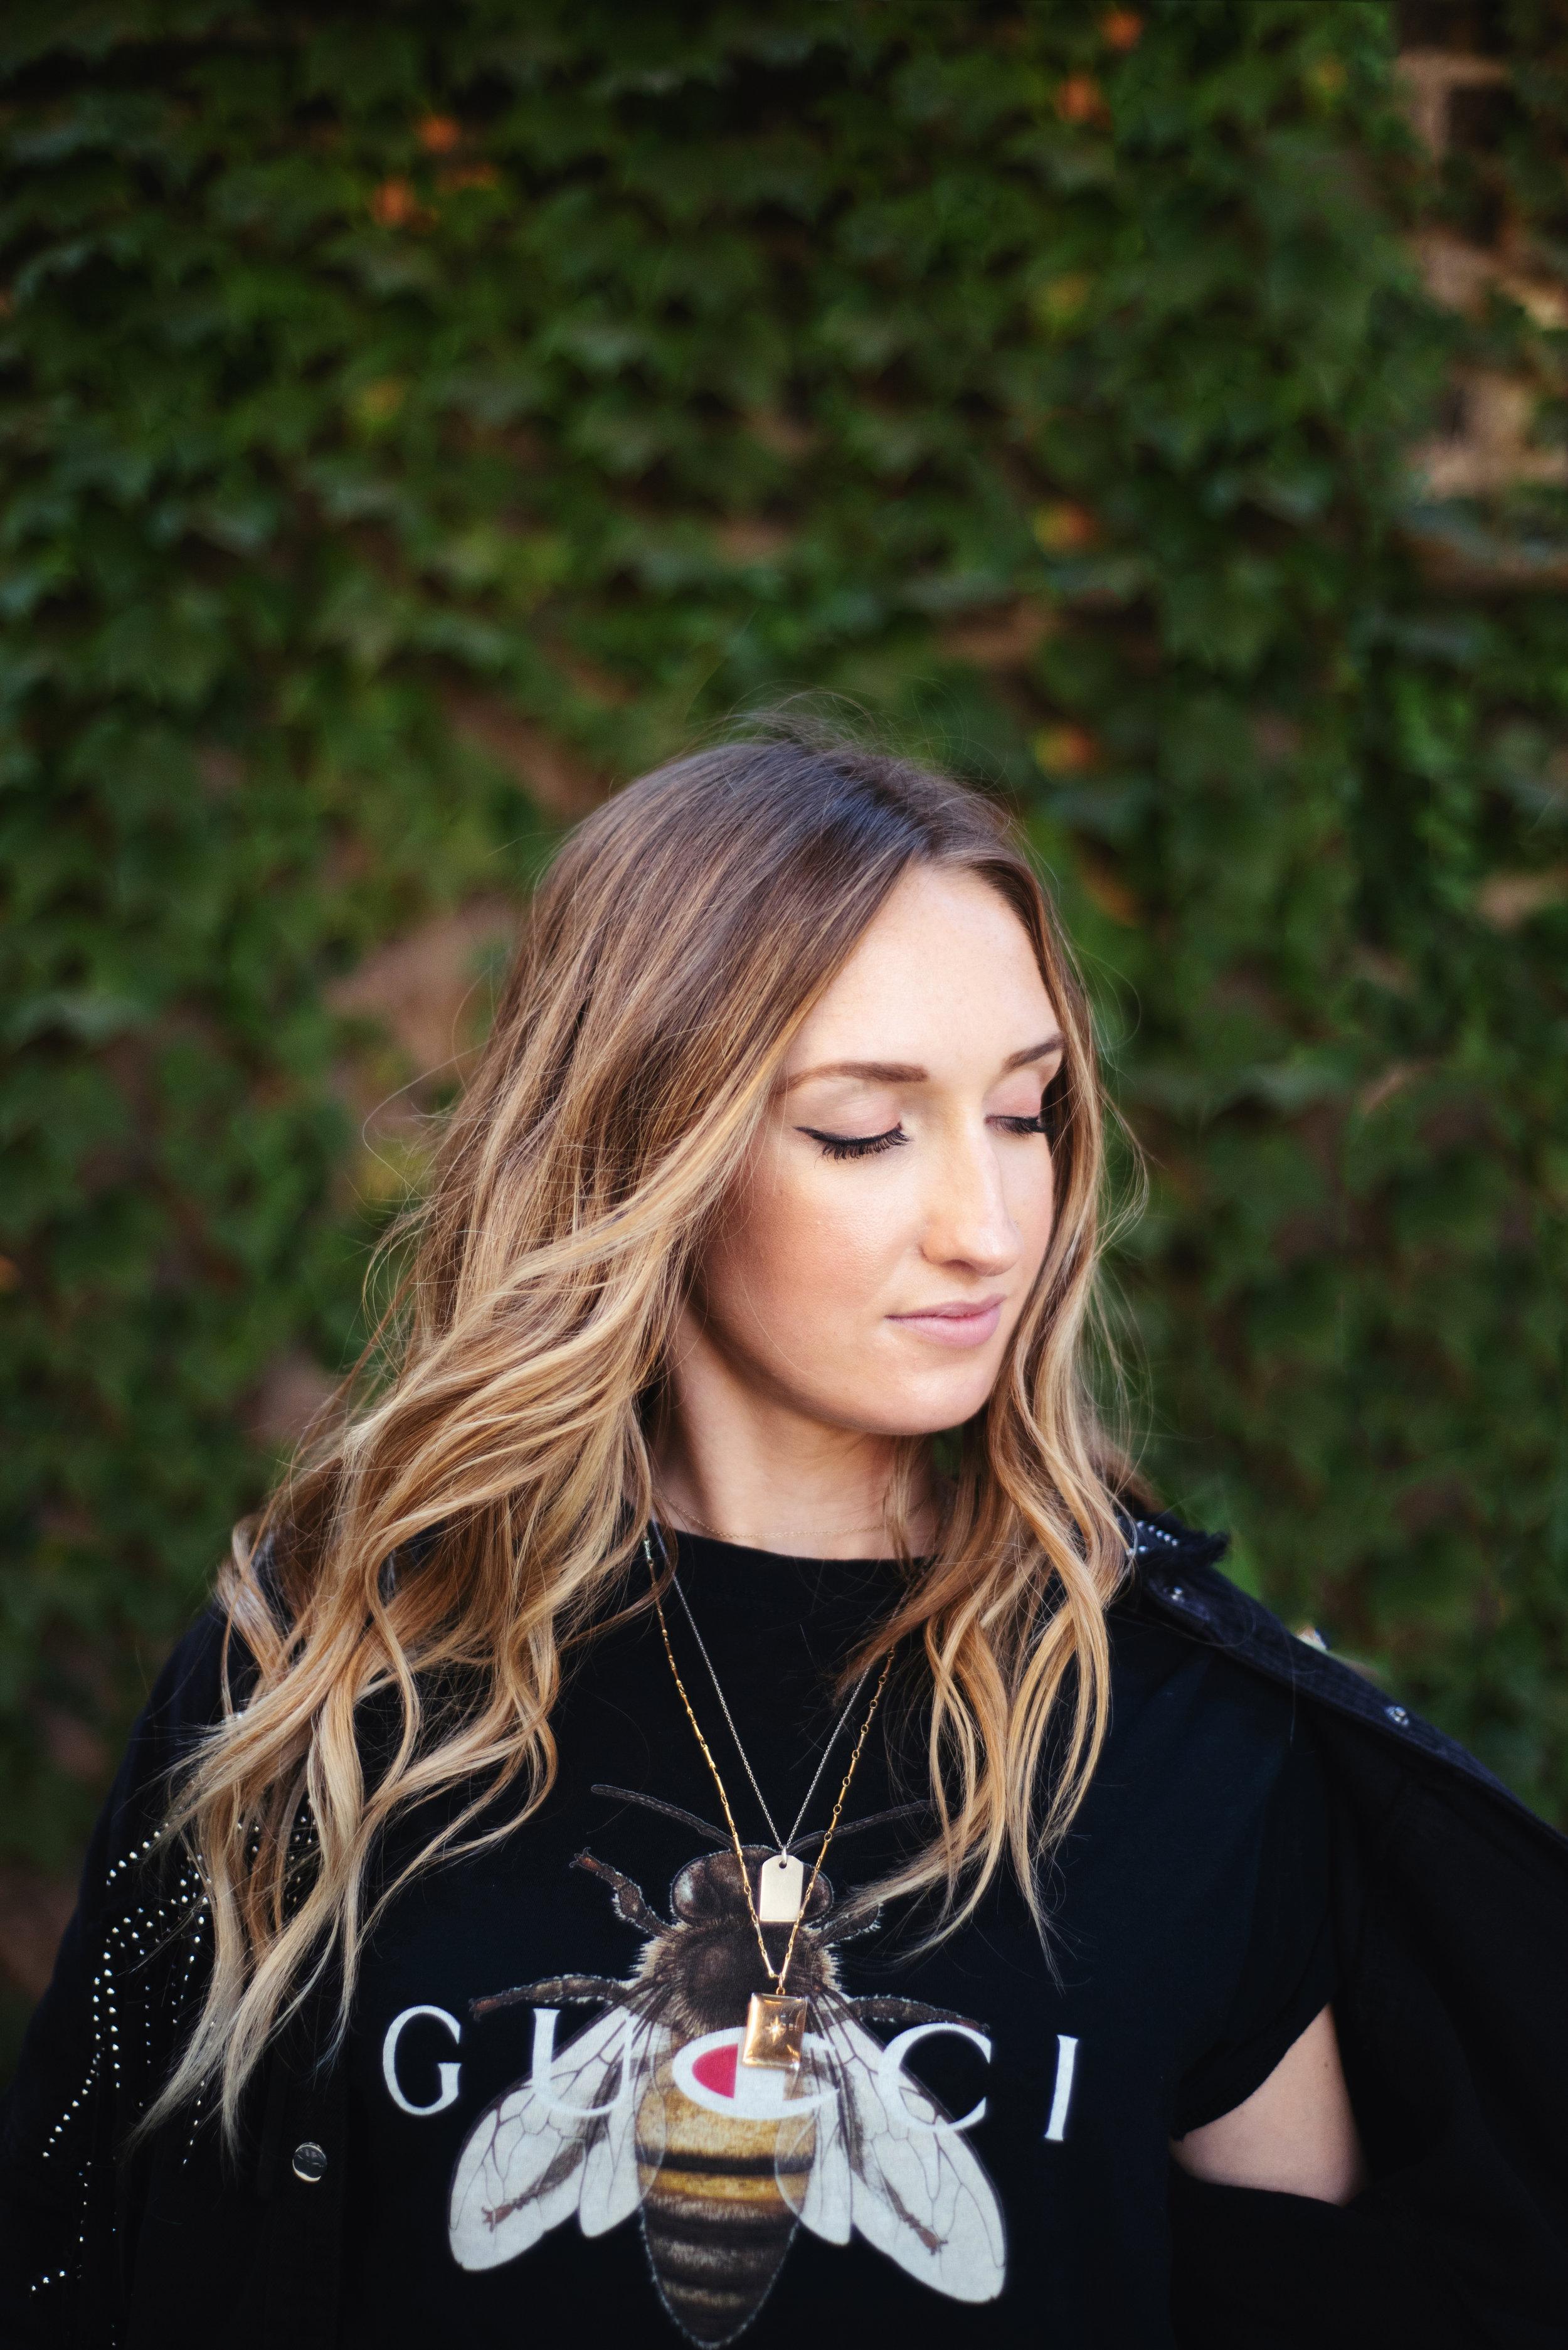 JessicaKovar-39.jpg